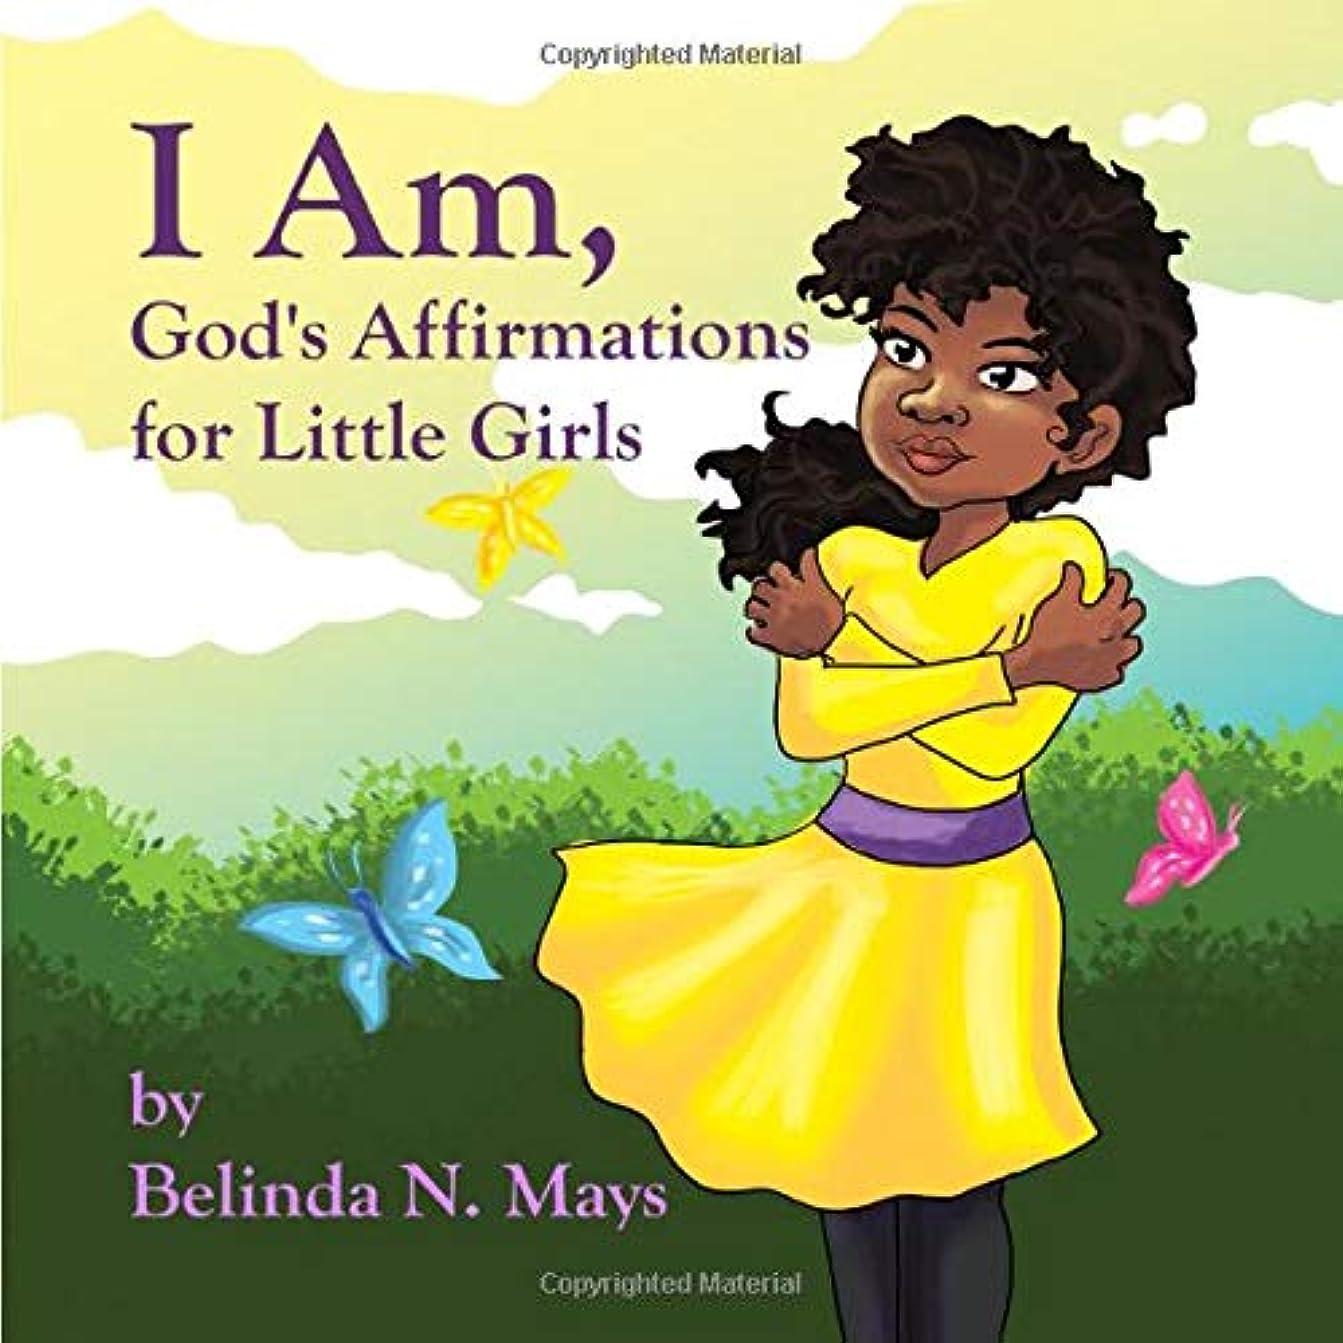 非常に落ち着く一般化するI Am: God's Affirmations For Litlle Girls